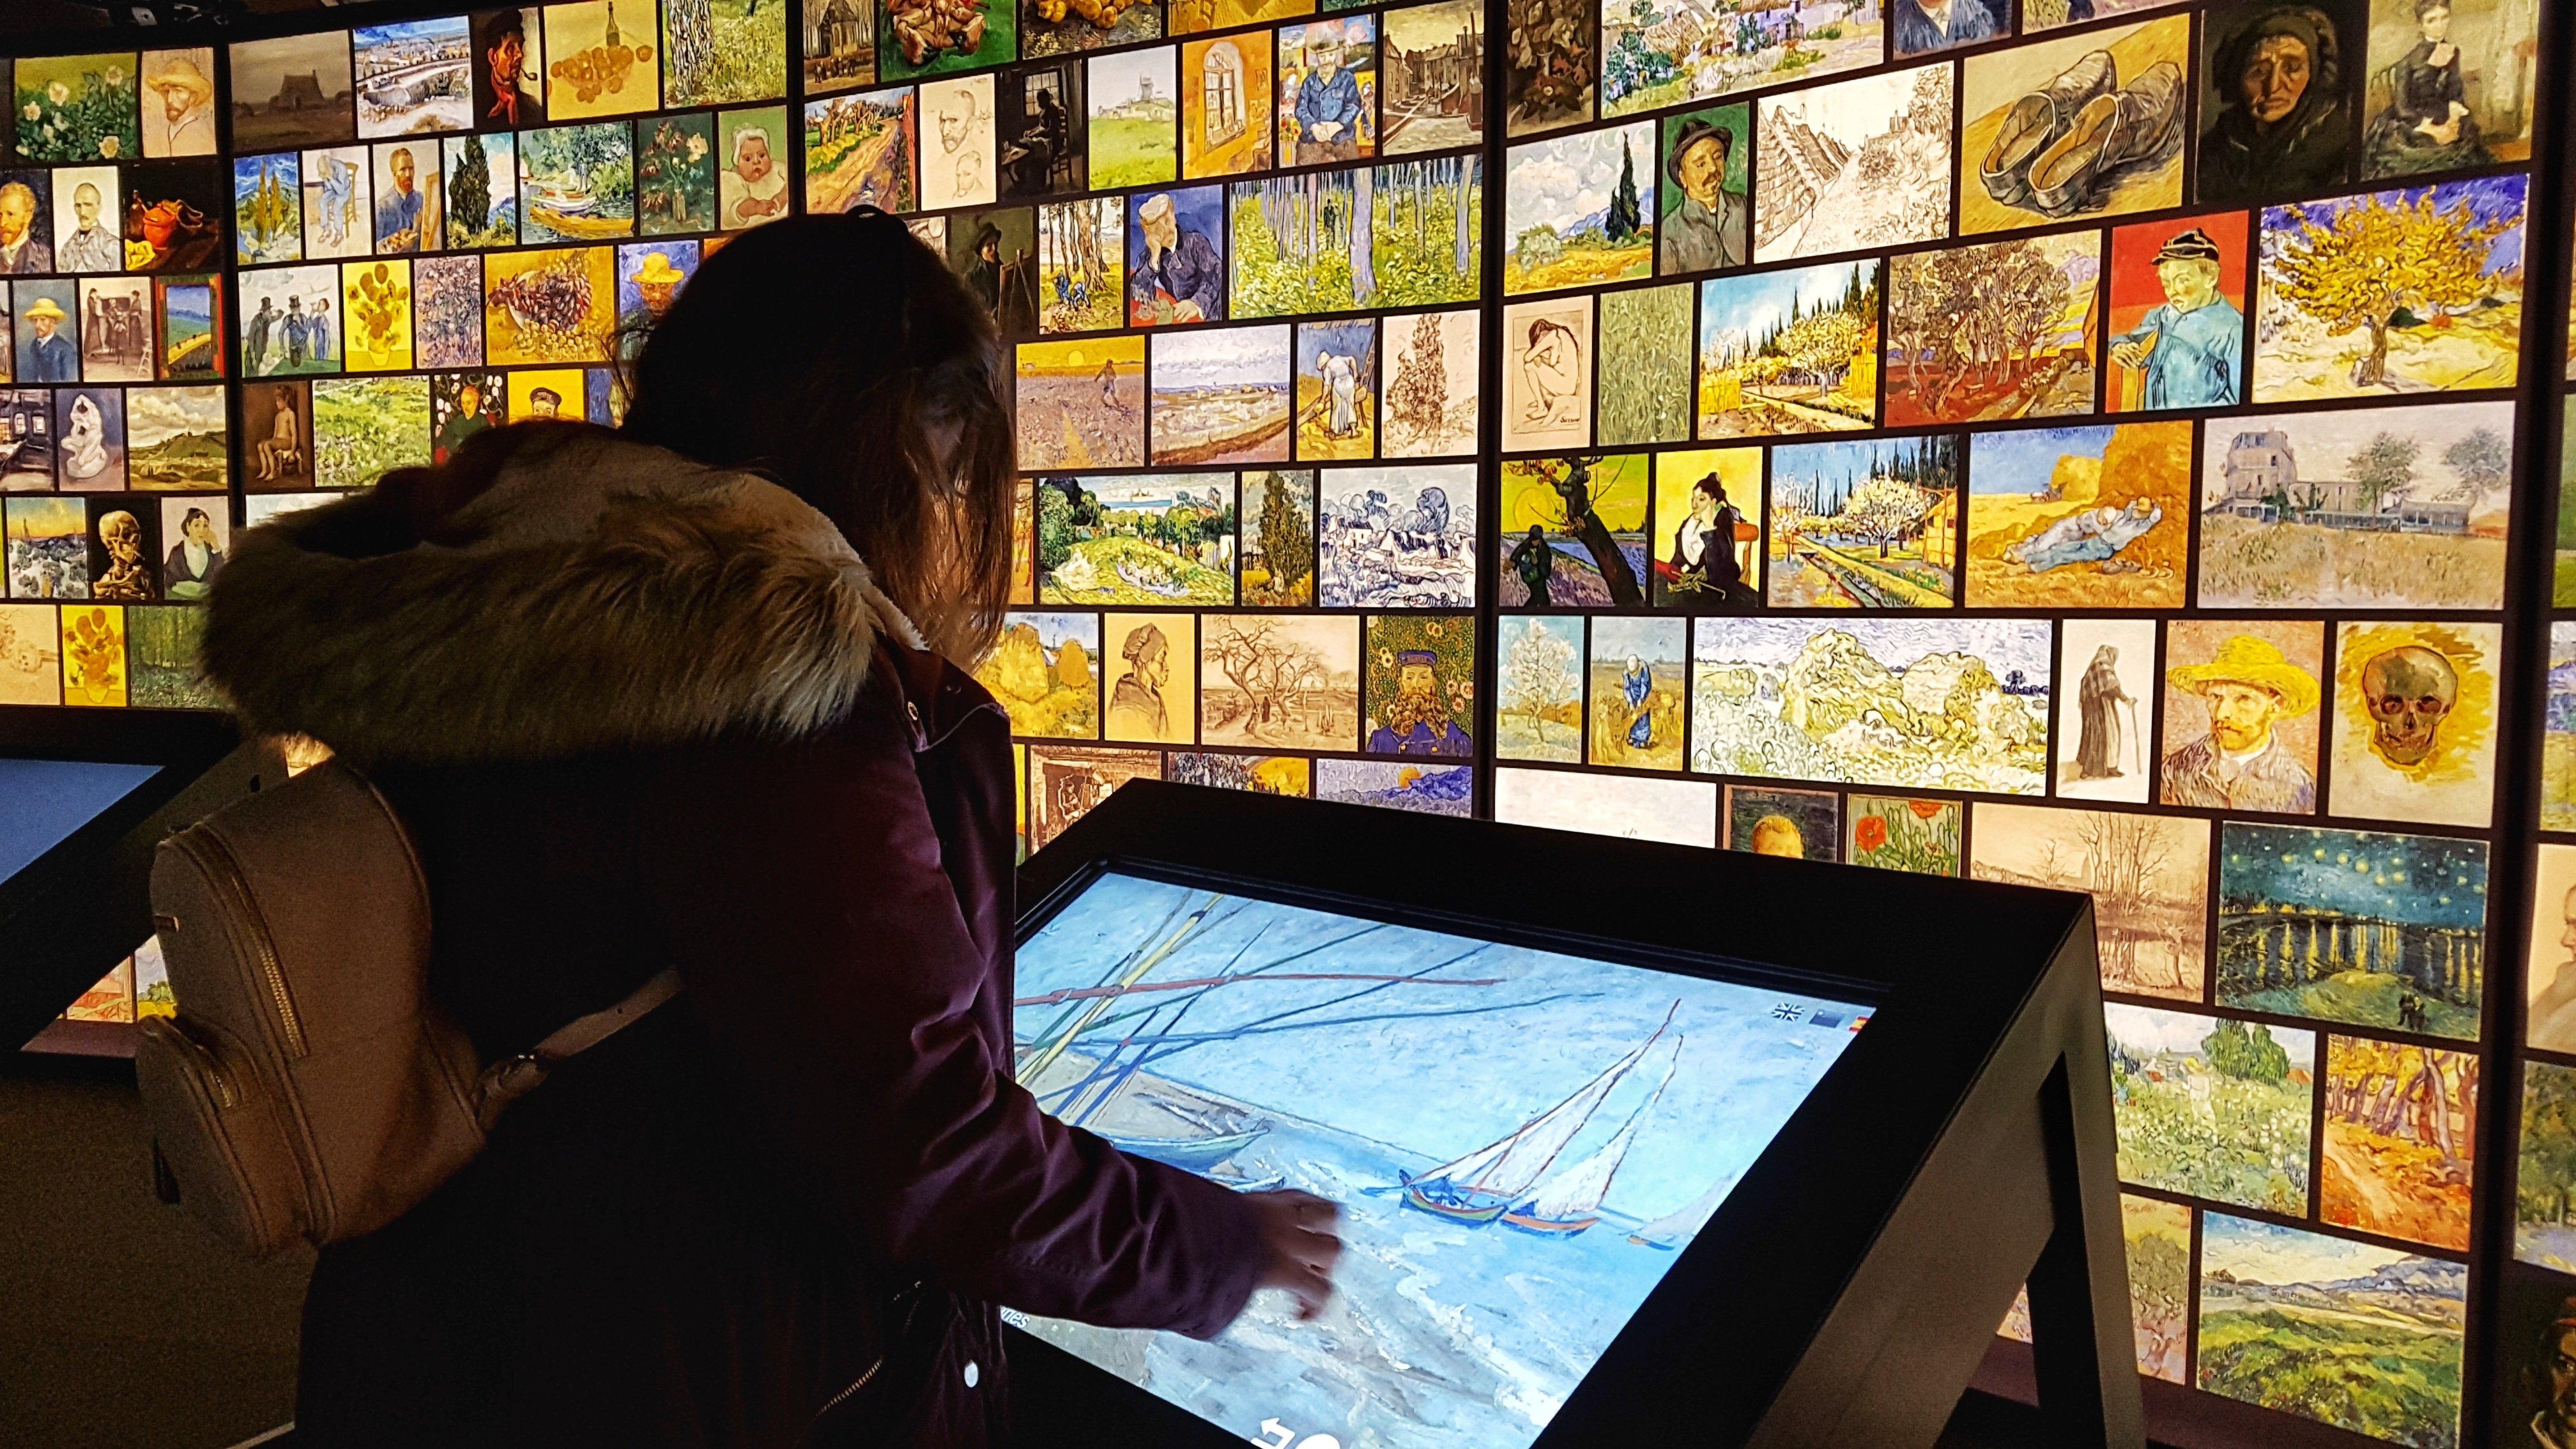 Meet Vincent Van Gogh - Visitante usando una de las pantallas interactivas de la exposición